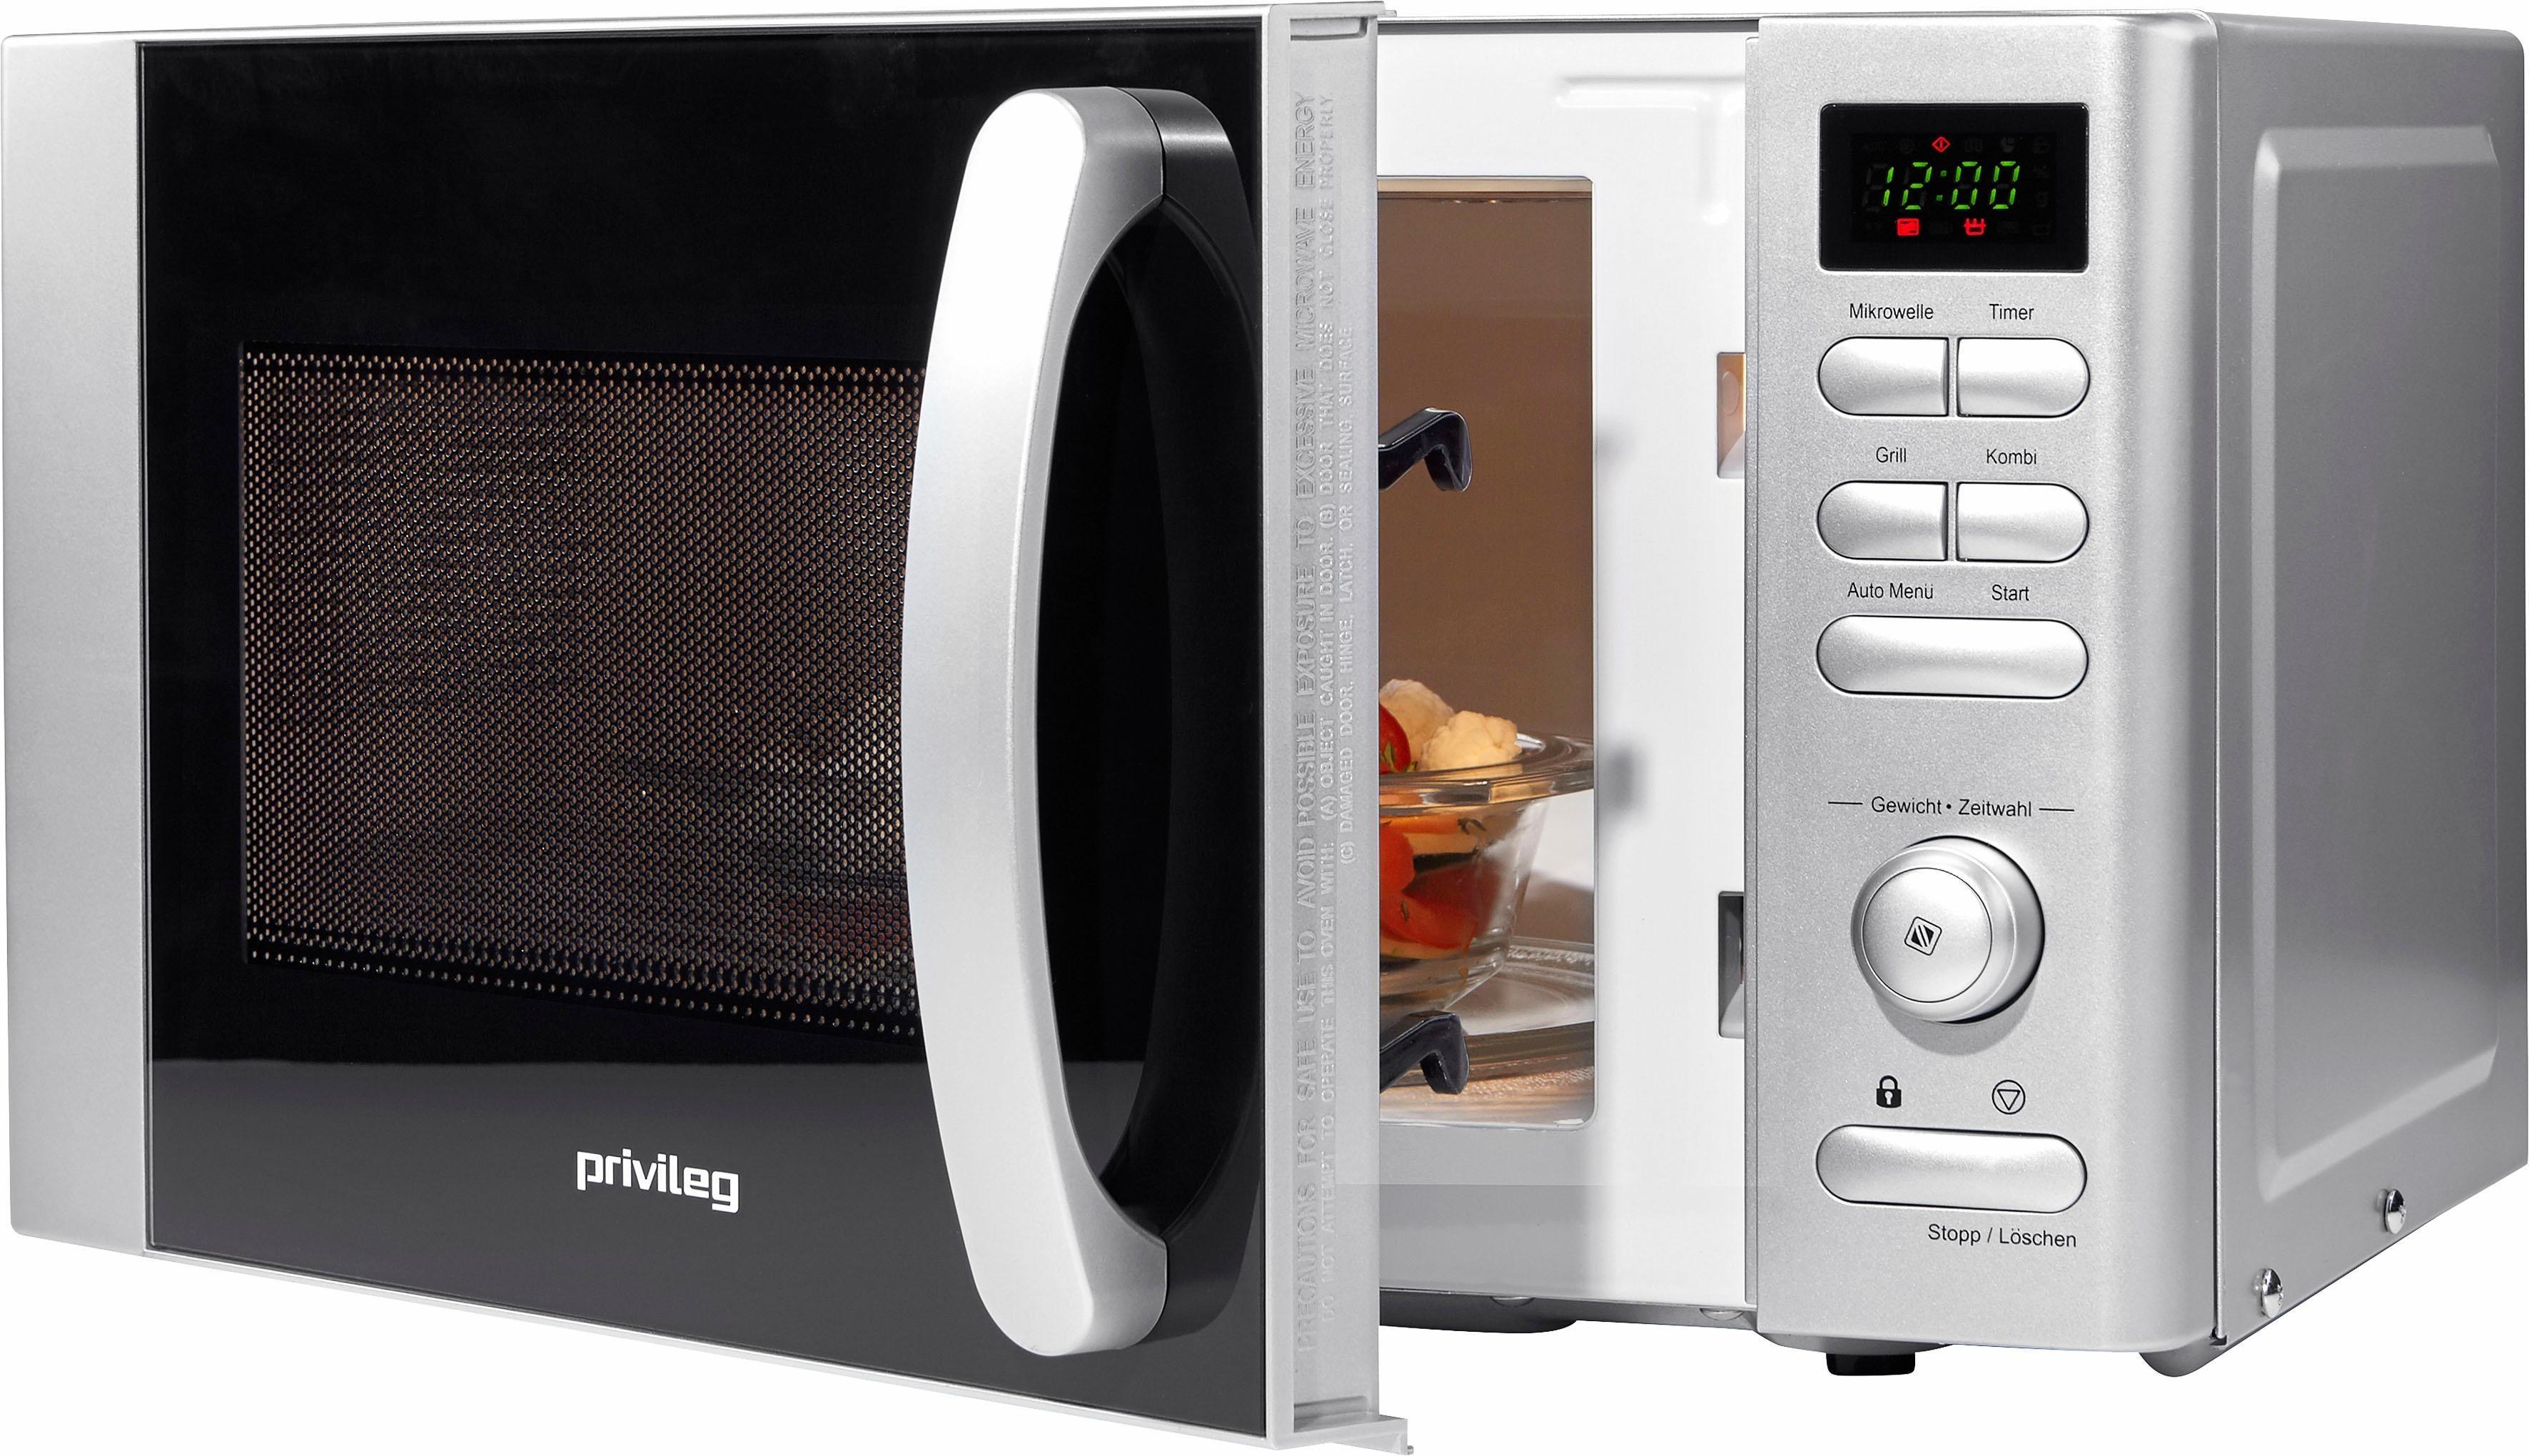 *Privileg Mikrowelle, mit Grill, 700 W, 17 Liter Garraum, mit 9 Automatikprogrammen*